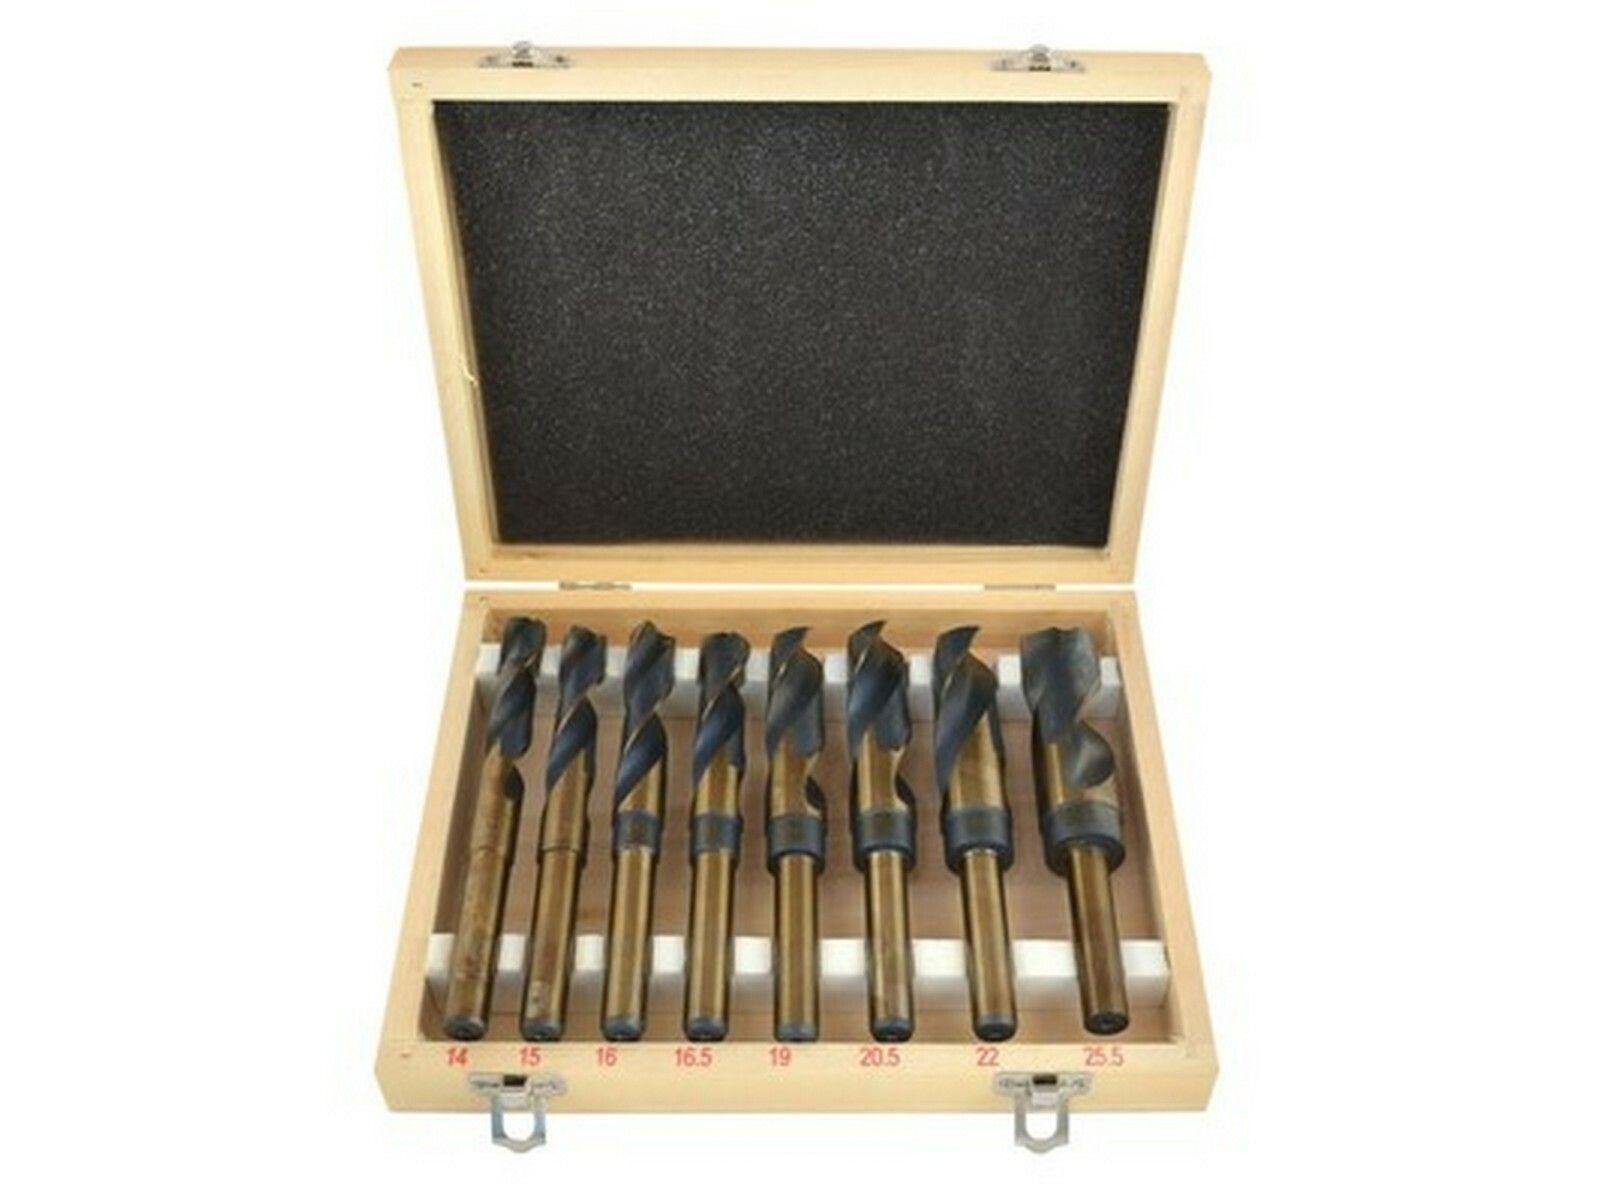 Vrtáky sada 8ks, dřevo a kov, 14-25,5 mm, HSS GEKO